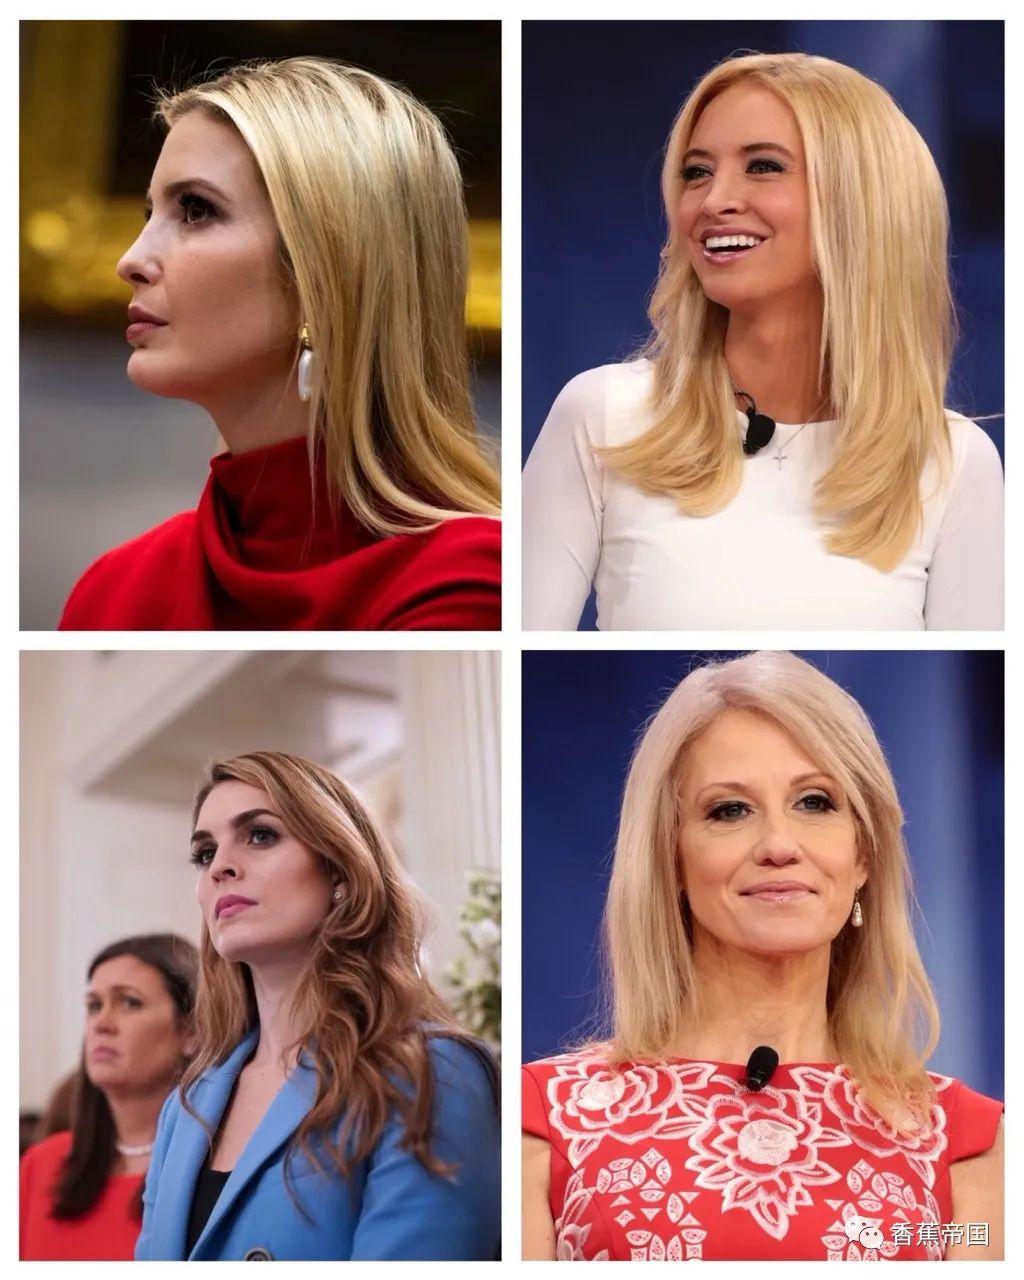 【彩乐园3进入12dsncom】_为何特朗普身边的女性都长得特别像?